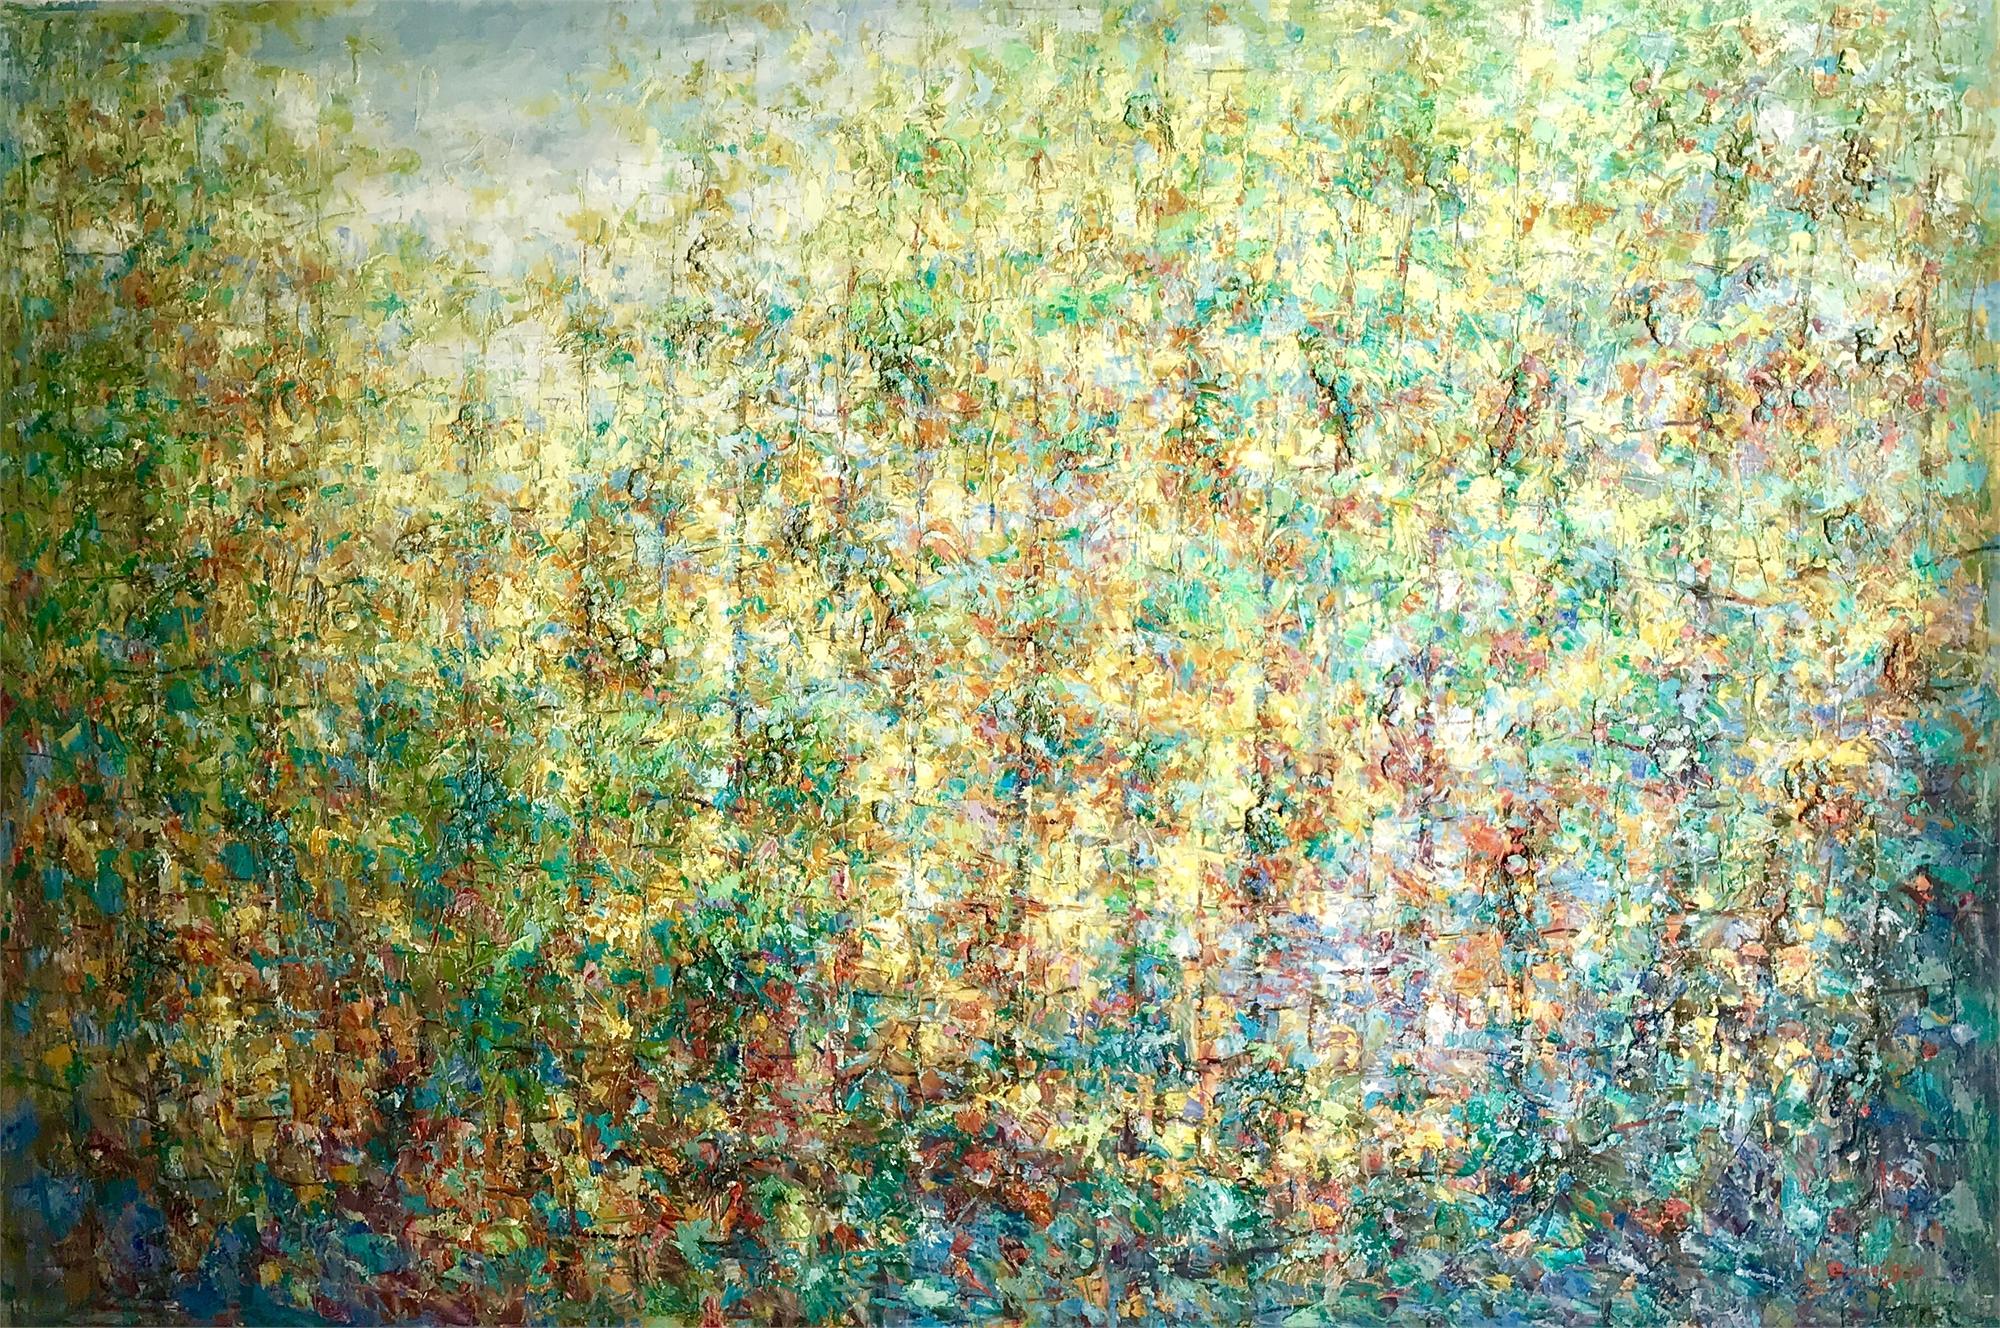 ABSTRACT TREES by RODRIGO